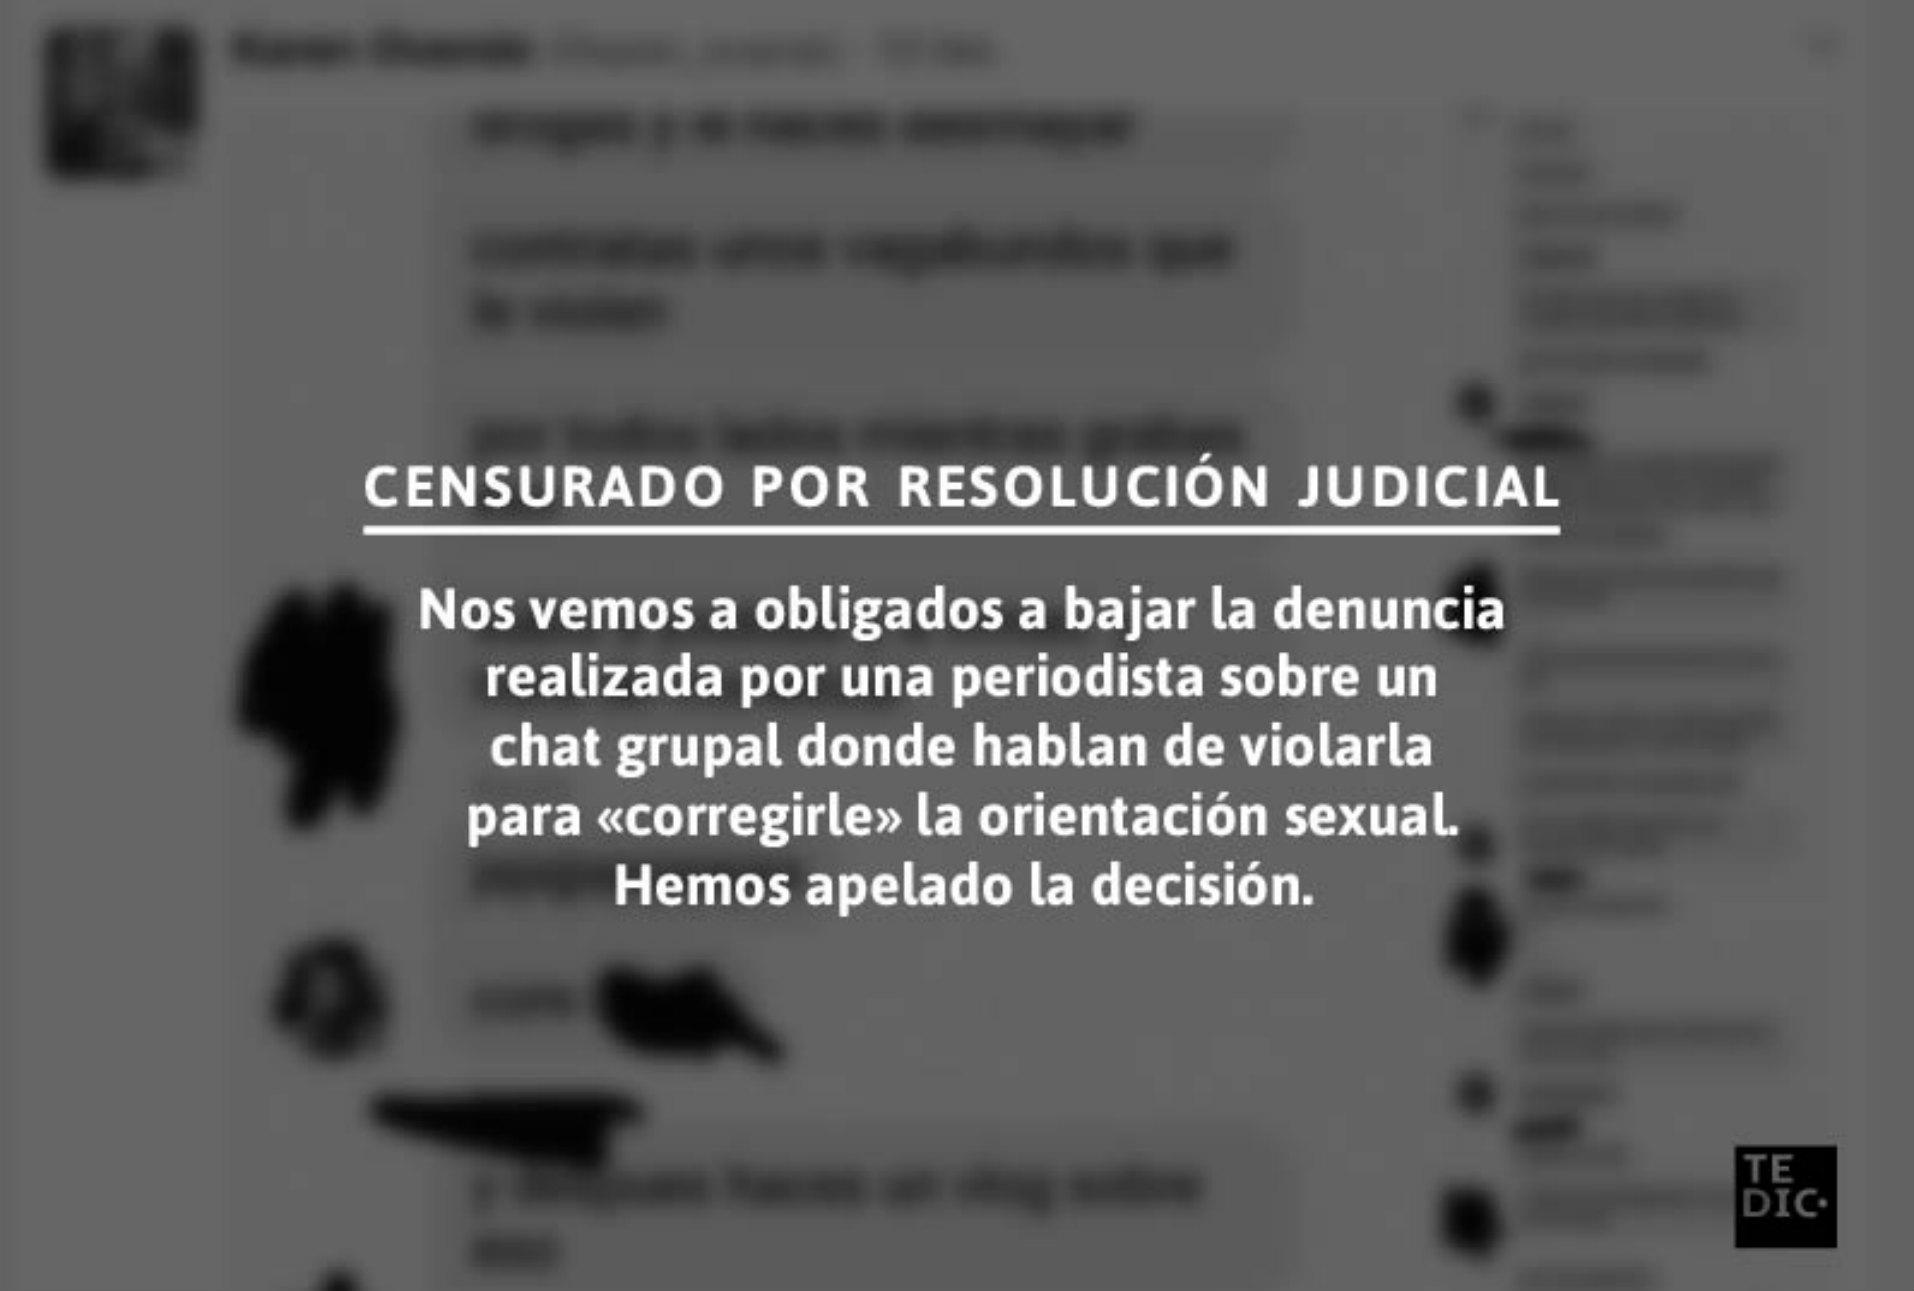 Jueza paraguaya autoriza censurar una imagen que denunciaba violencia machista contra periodista